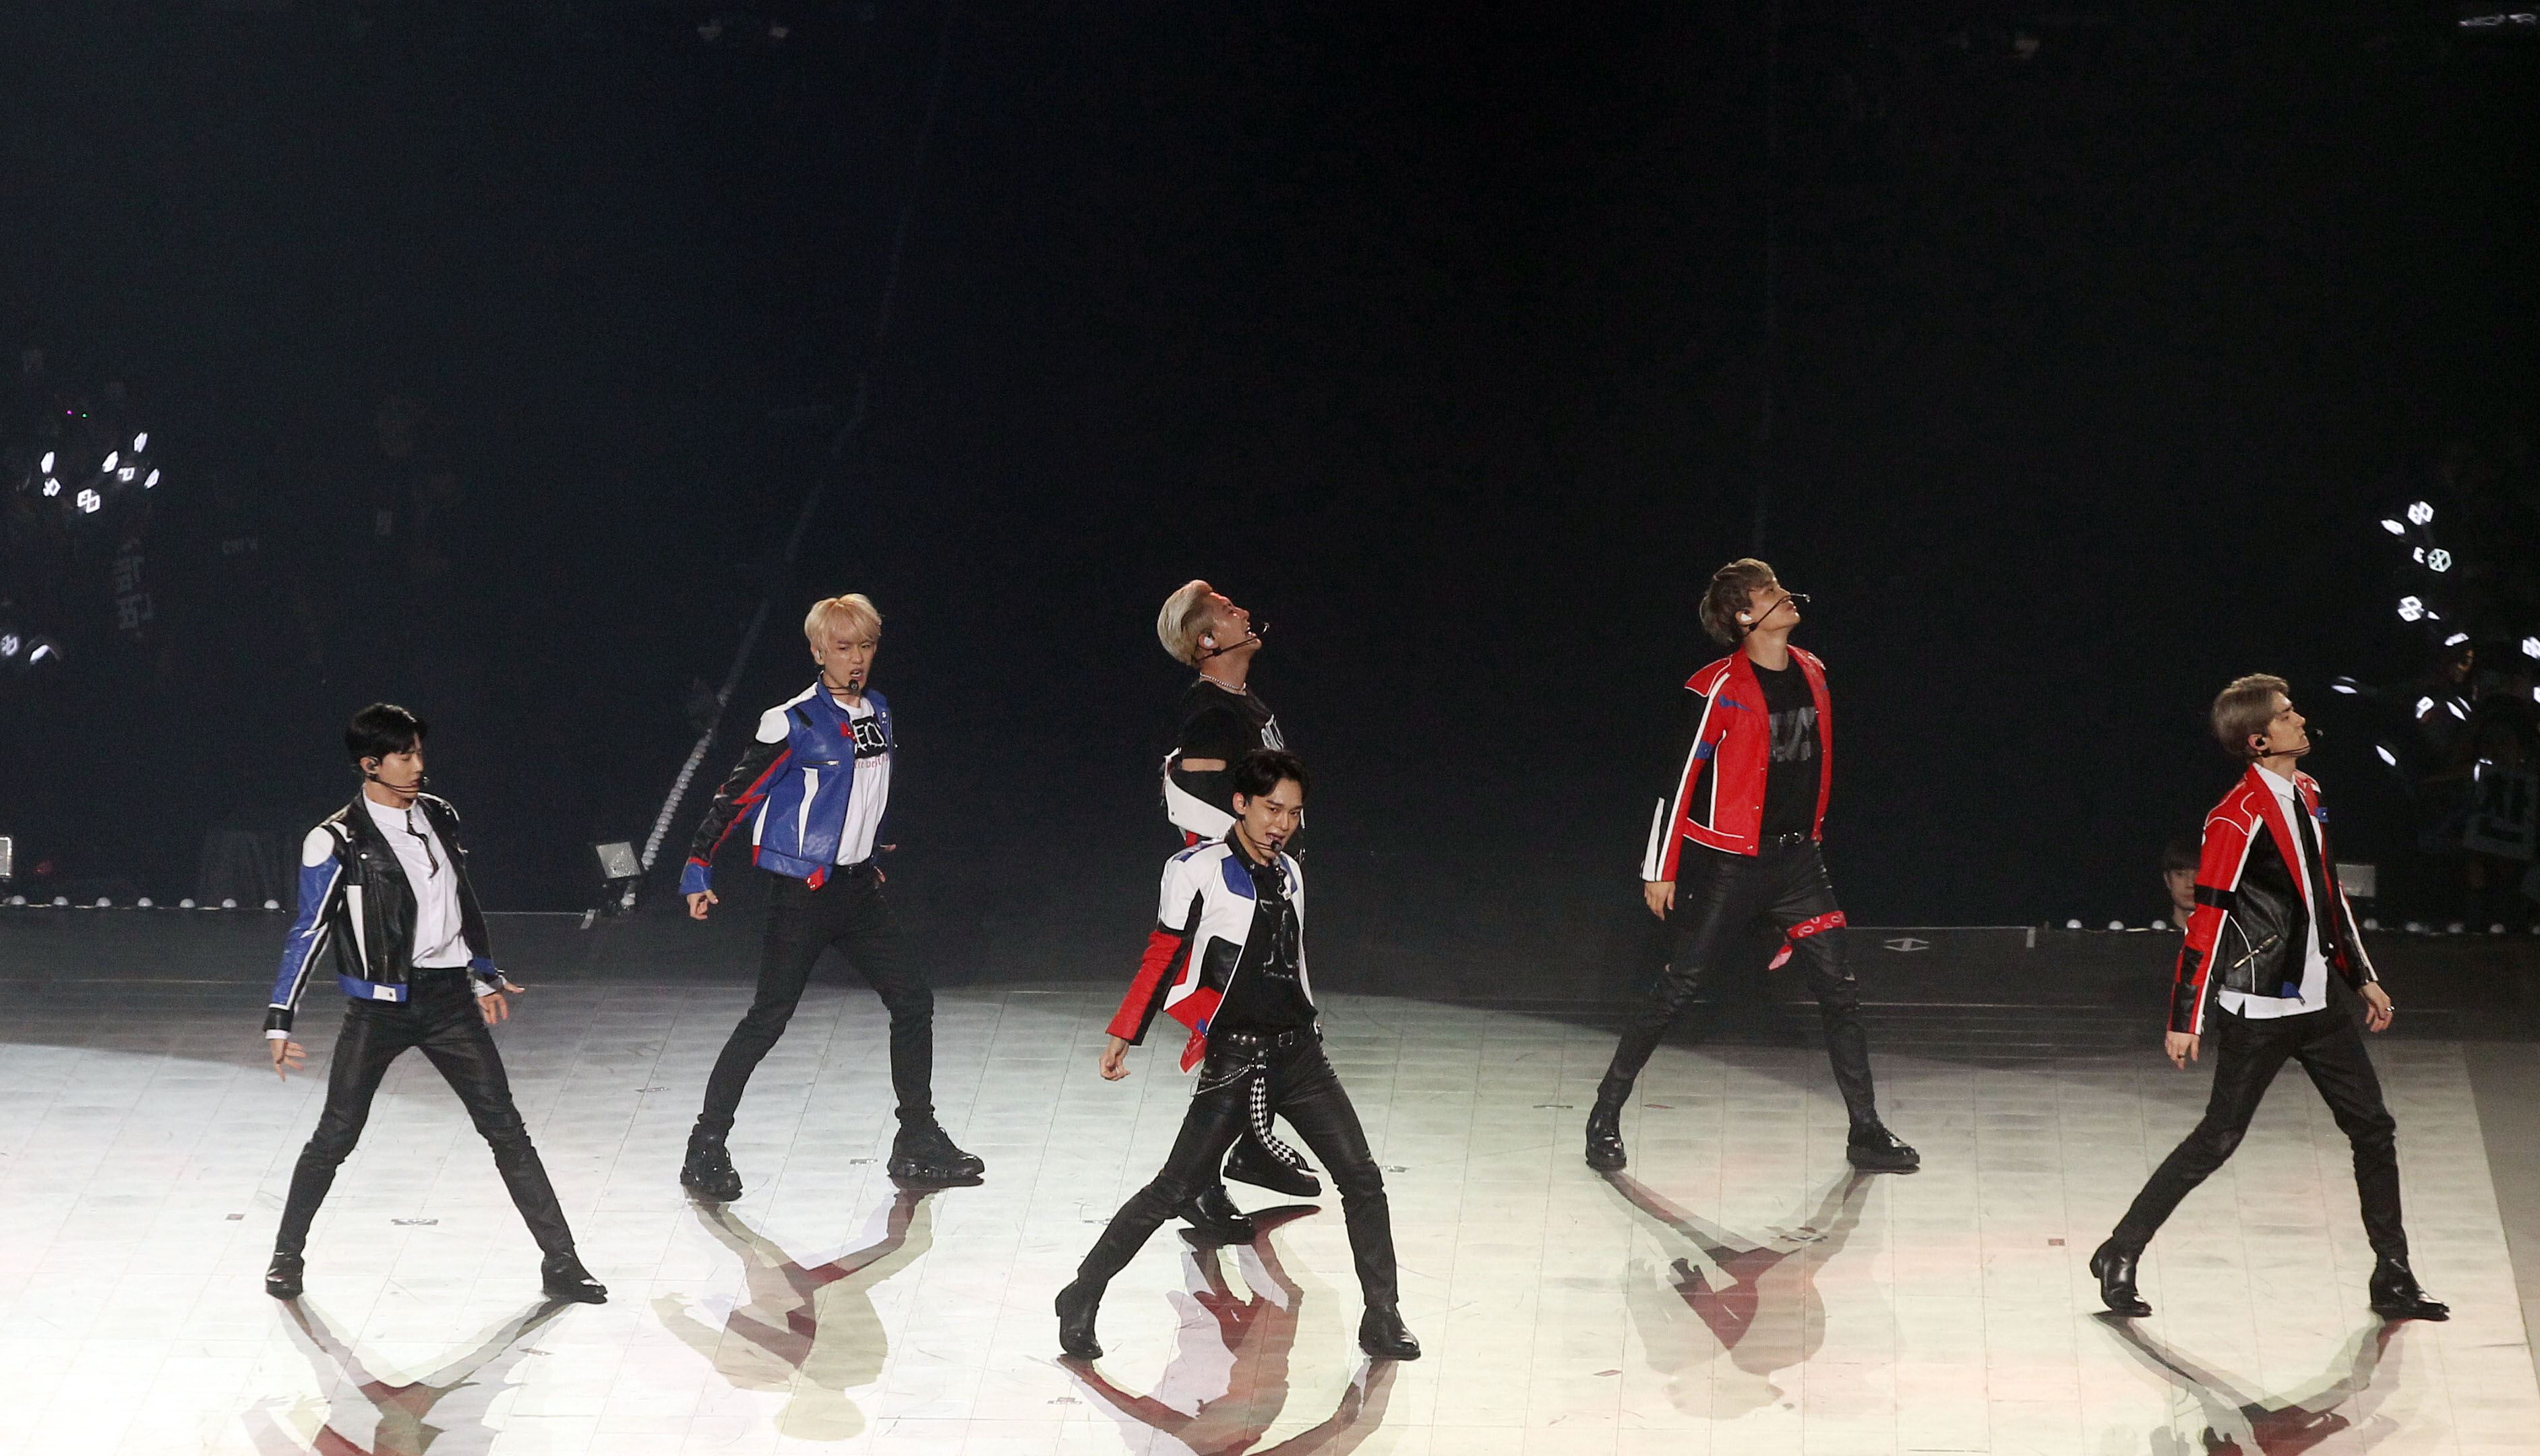 南韓人氣男團EXO引爆台北小巨蛋6名成員一出場粉絲嗨翻天。(記者邱榮吉/攝影)